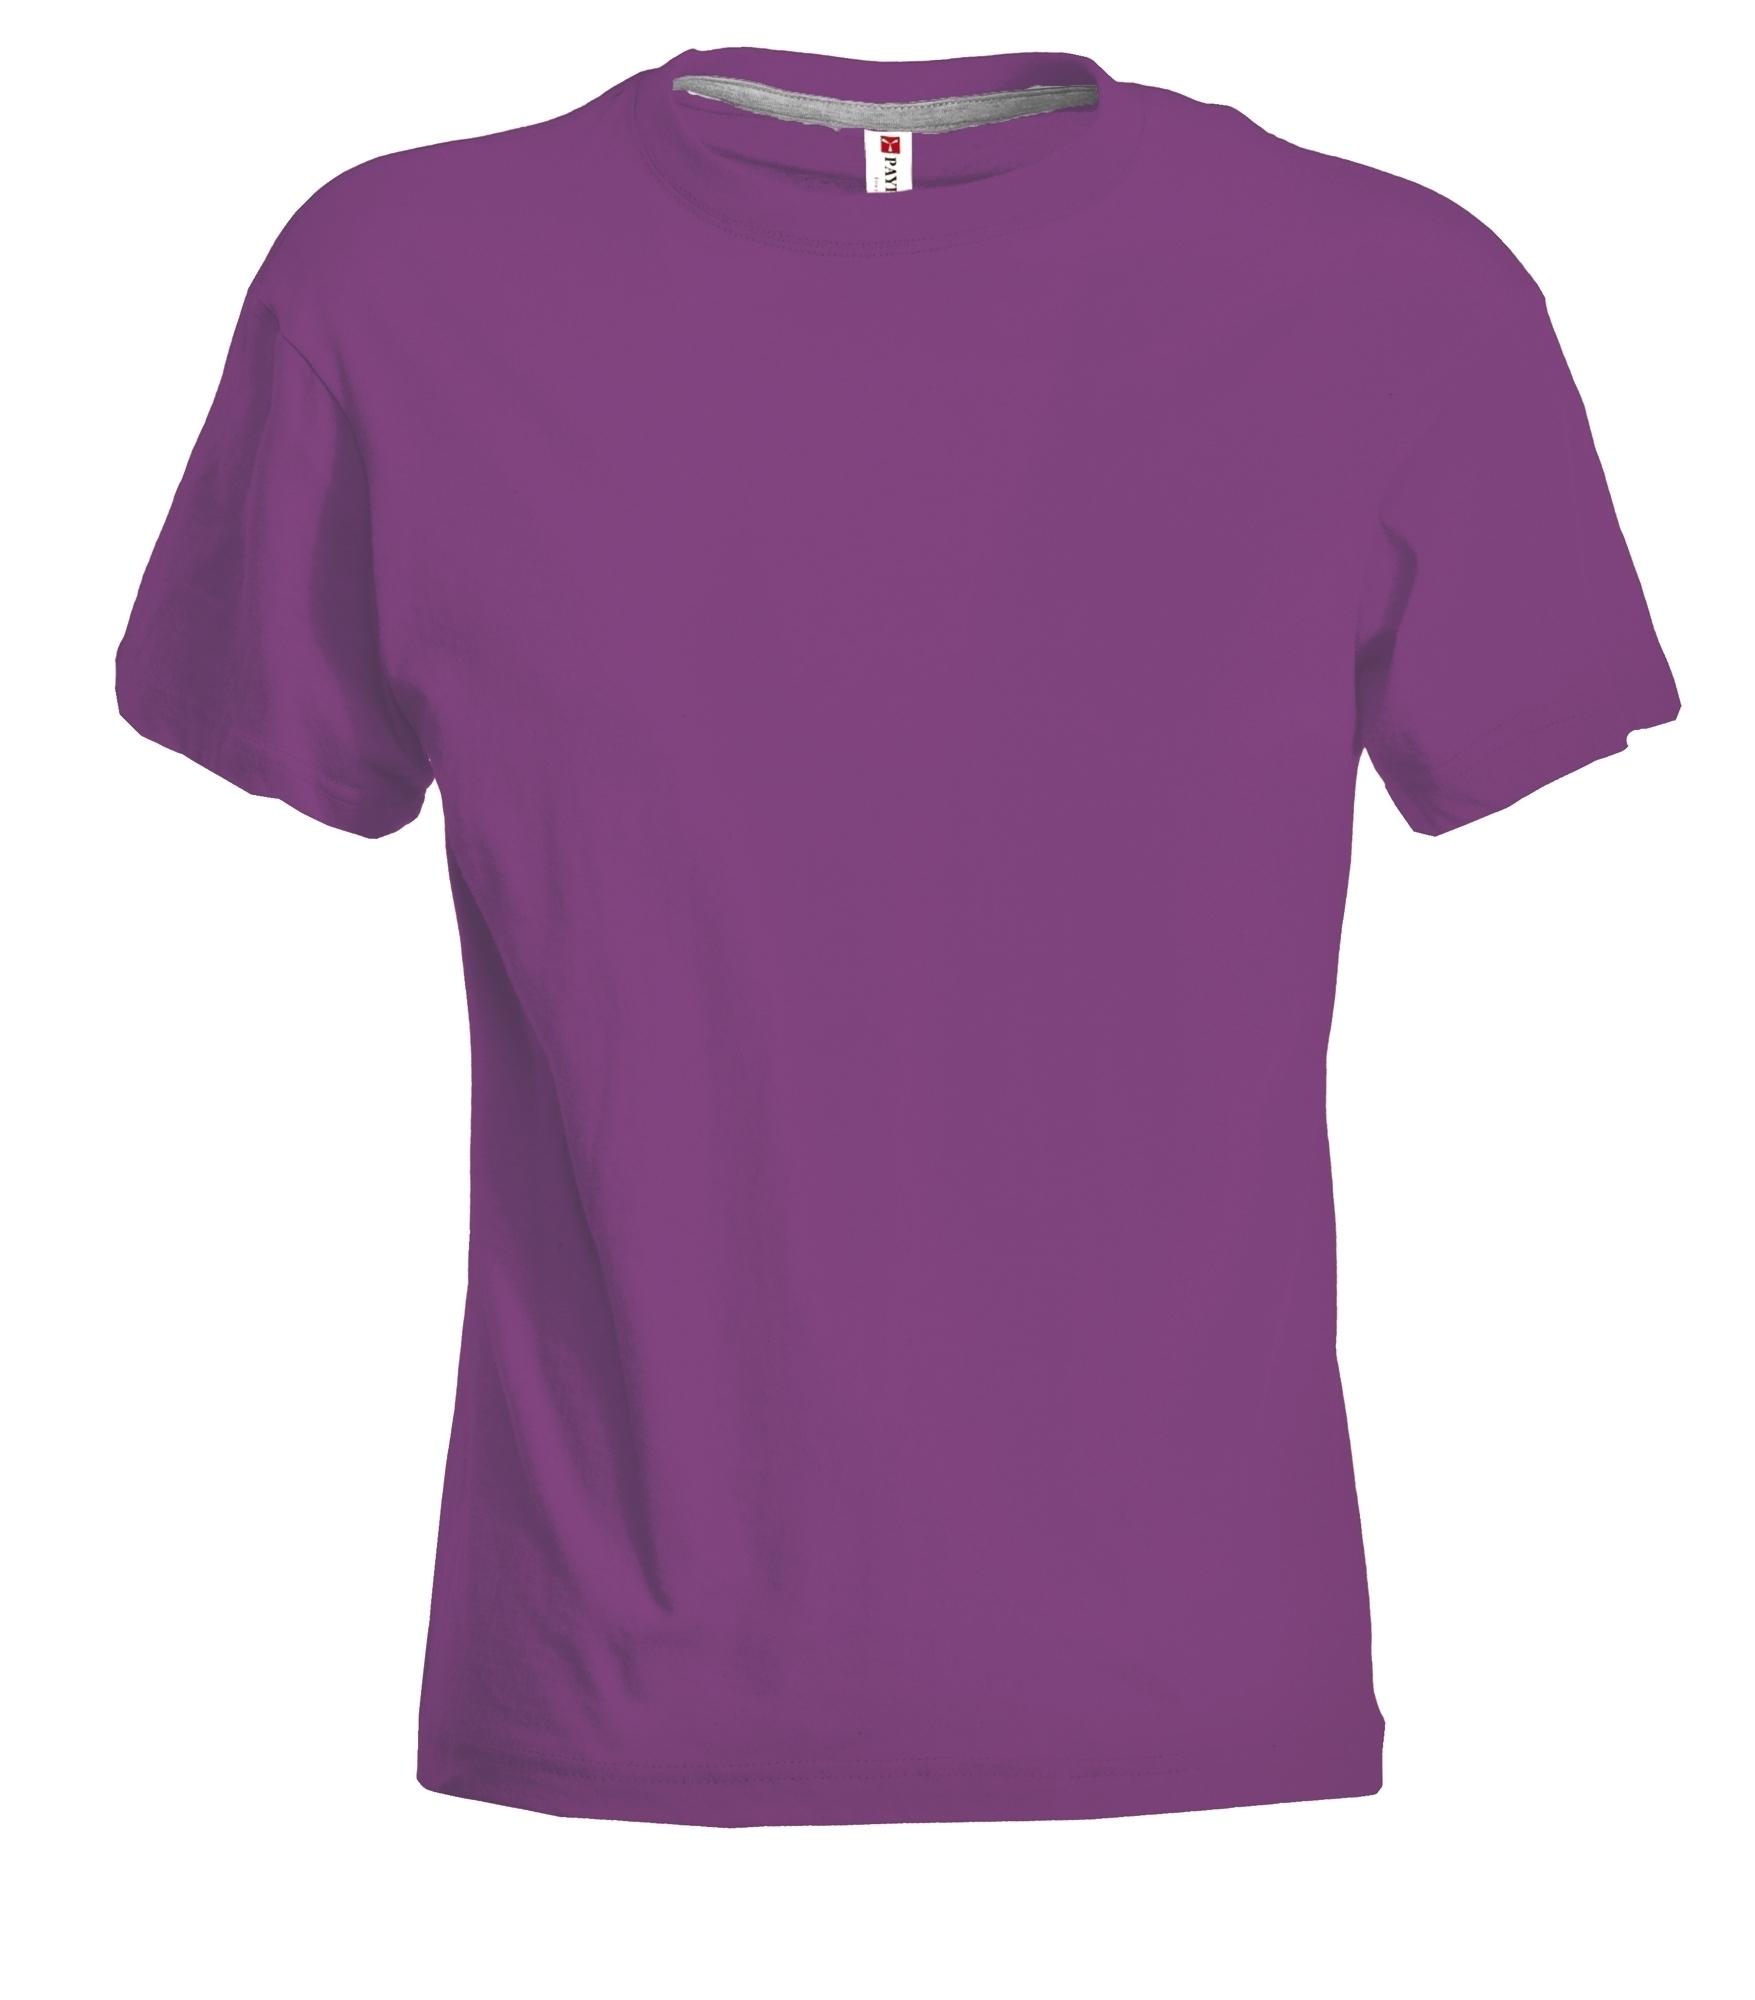 tshirt deluxe lady violet ete gladiasport. Black Bedroom Furniture Sets. Home Design Ideas